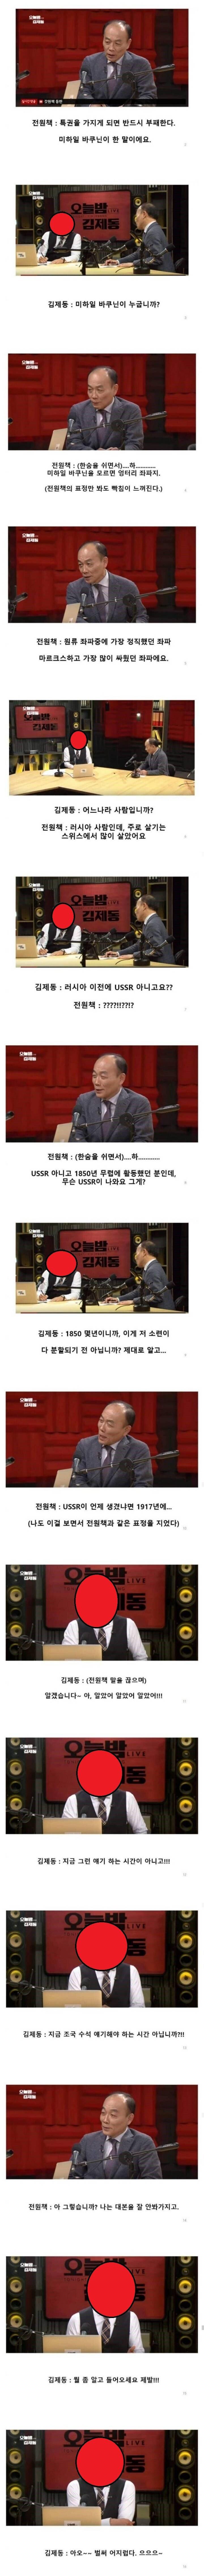 김제동 공중파 진행 레전드...jpg